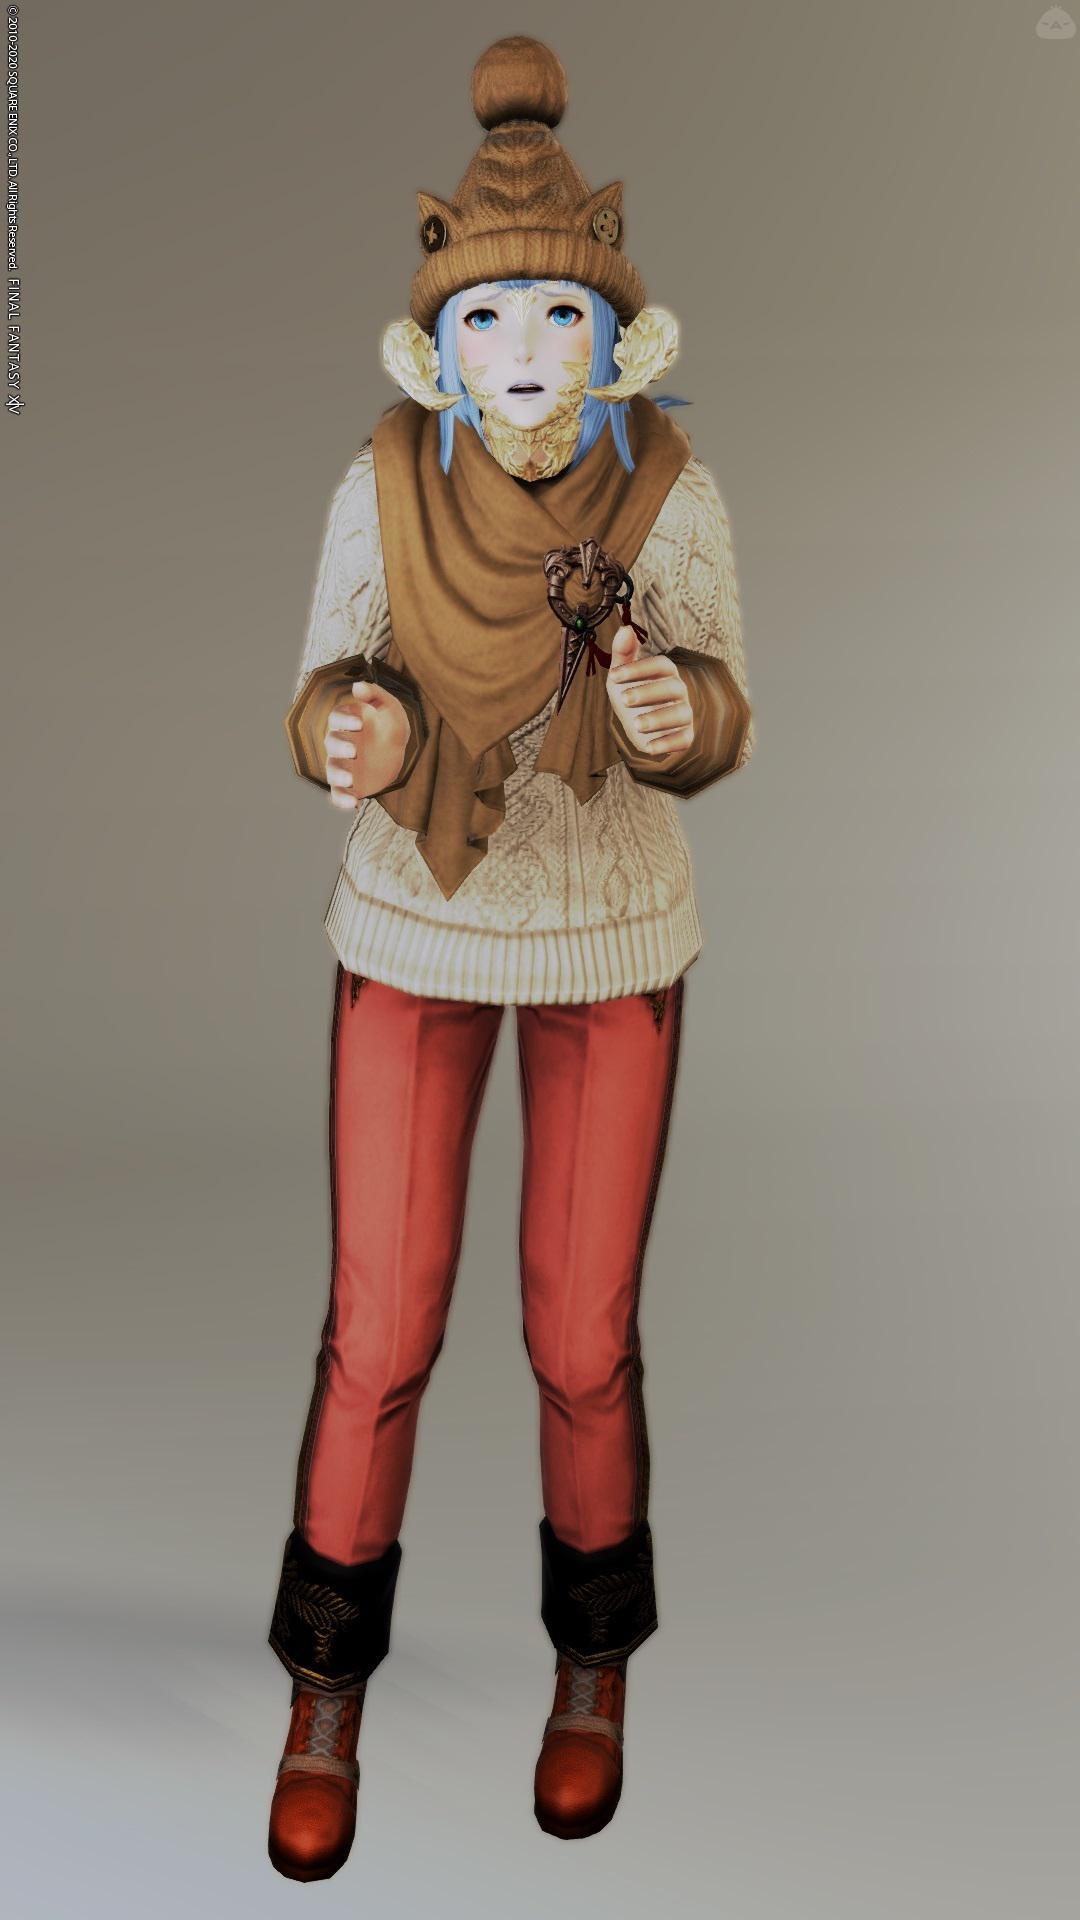 クポクポ × セーター